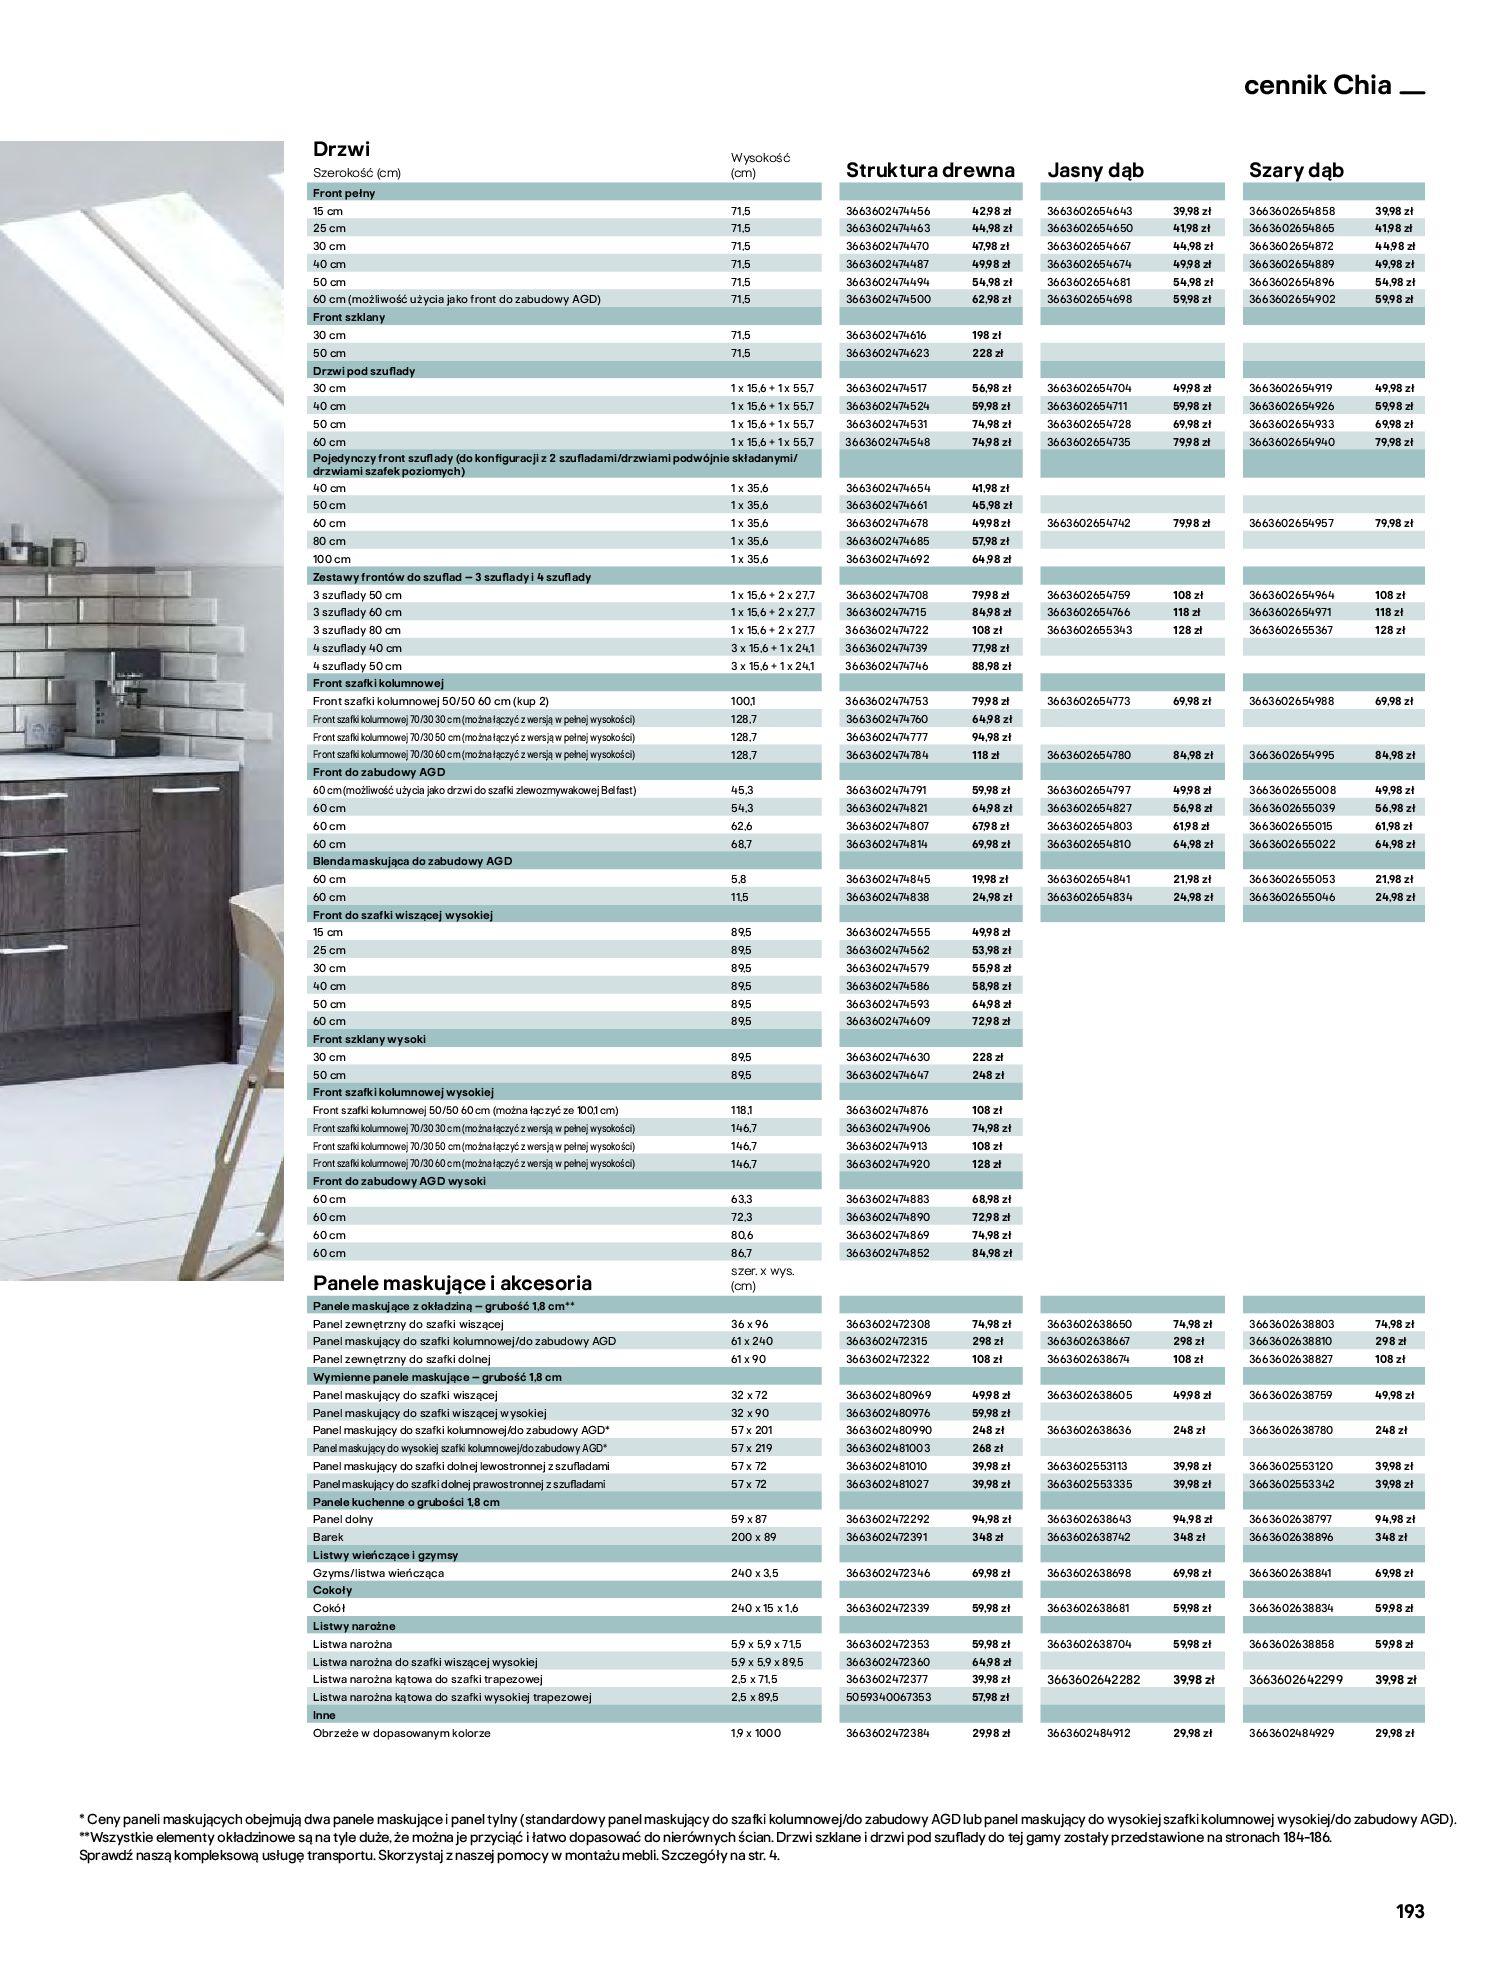 Gazetka Castorama: Katalog kuchnie 2021 2021-05-04 page-193